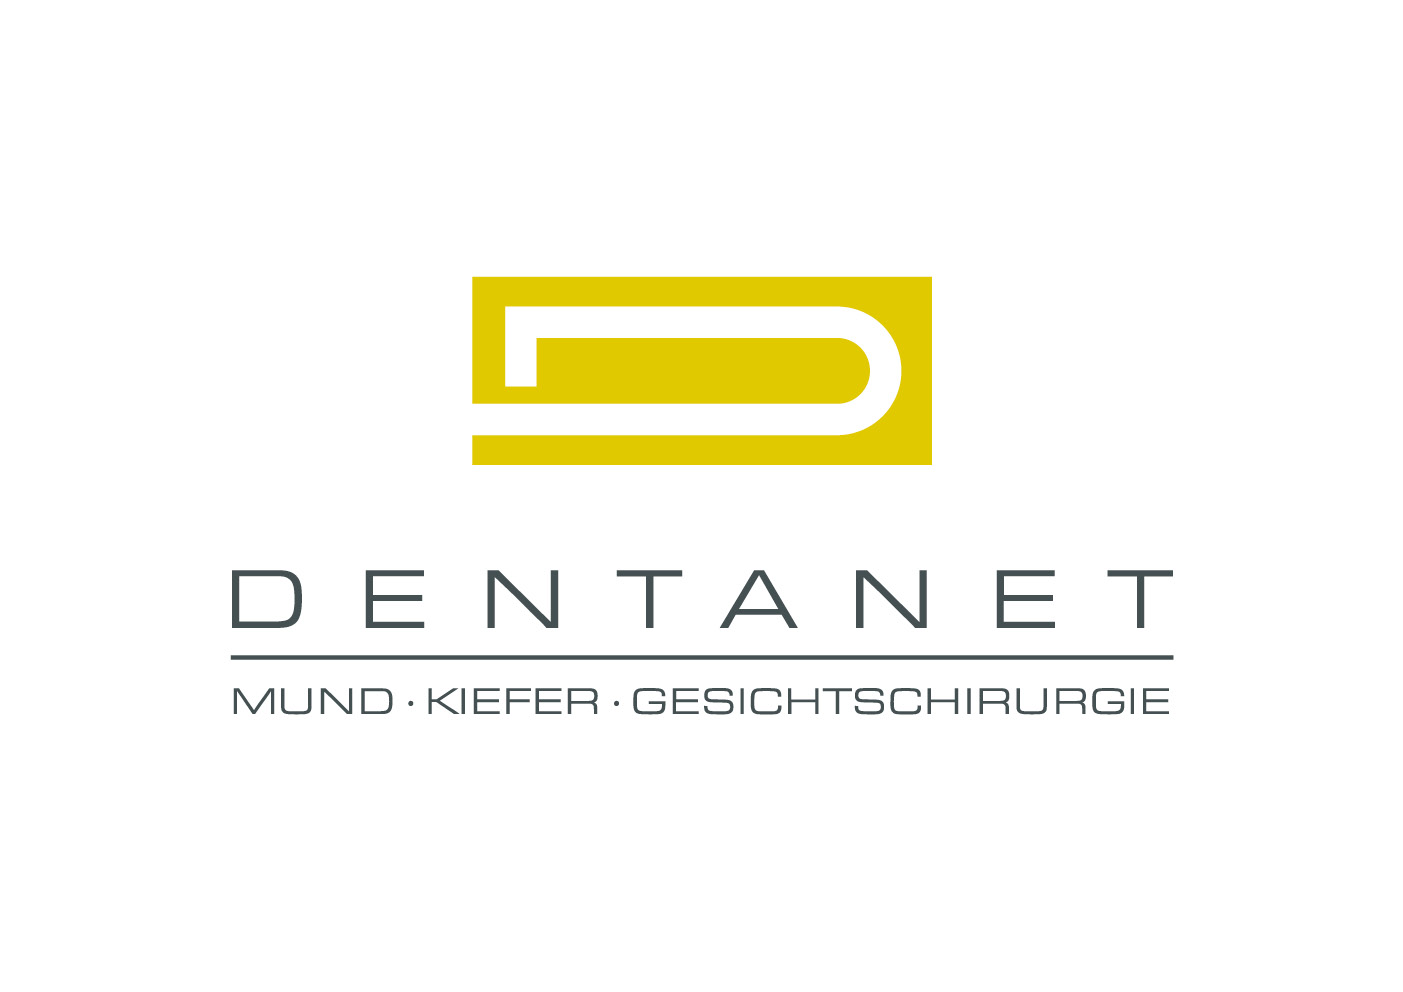 DENTANET – Praxis für Mund-, Kiefer- und Gesichtschirurgie Bad Laer